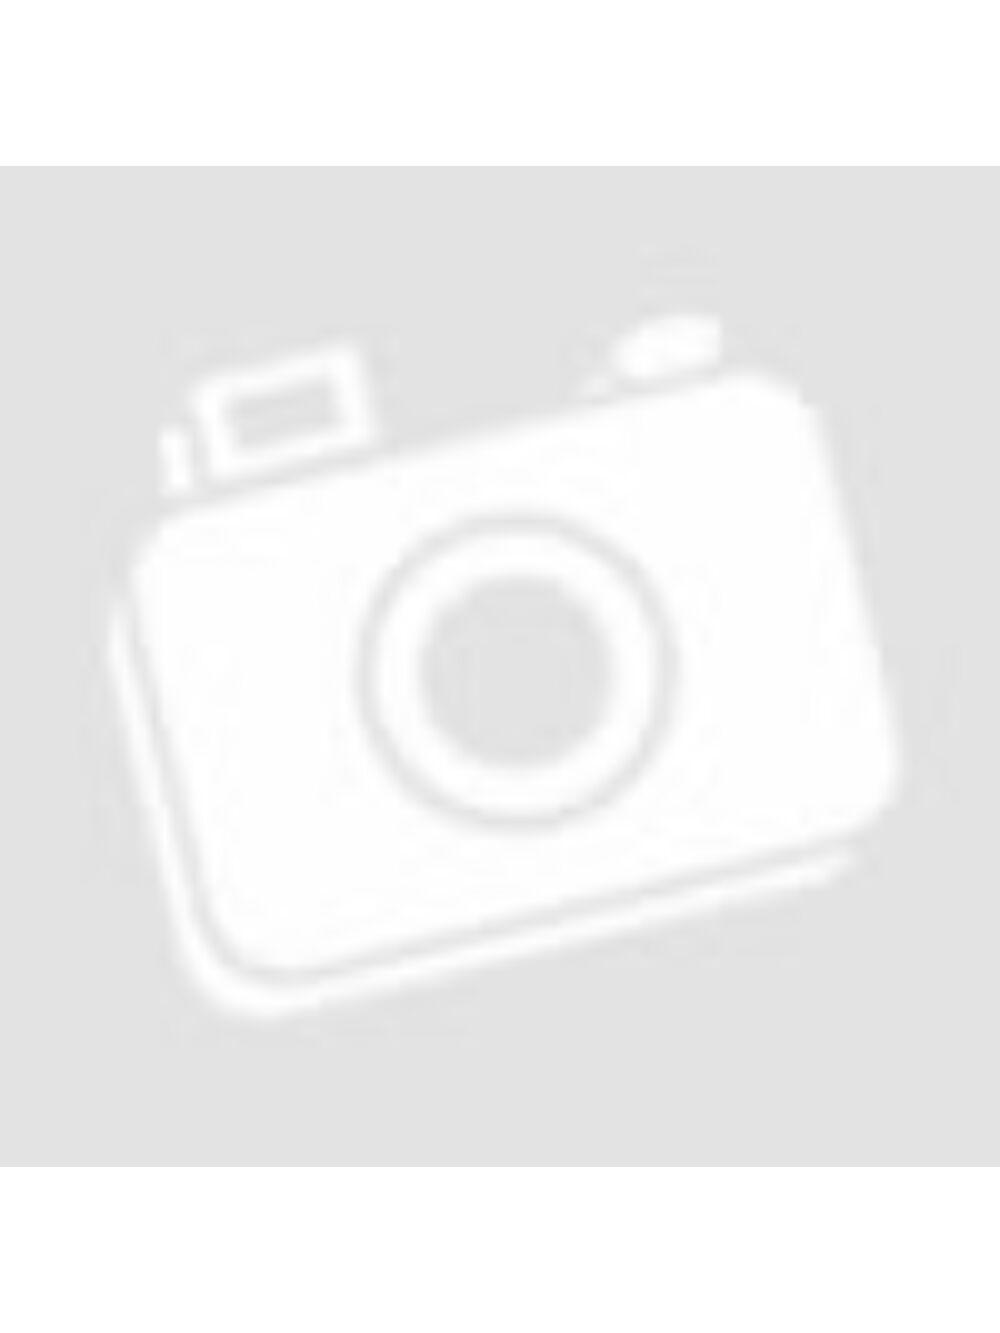 Gyöngy pasztel 25mm - Világoskék